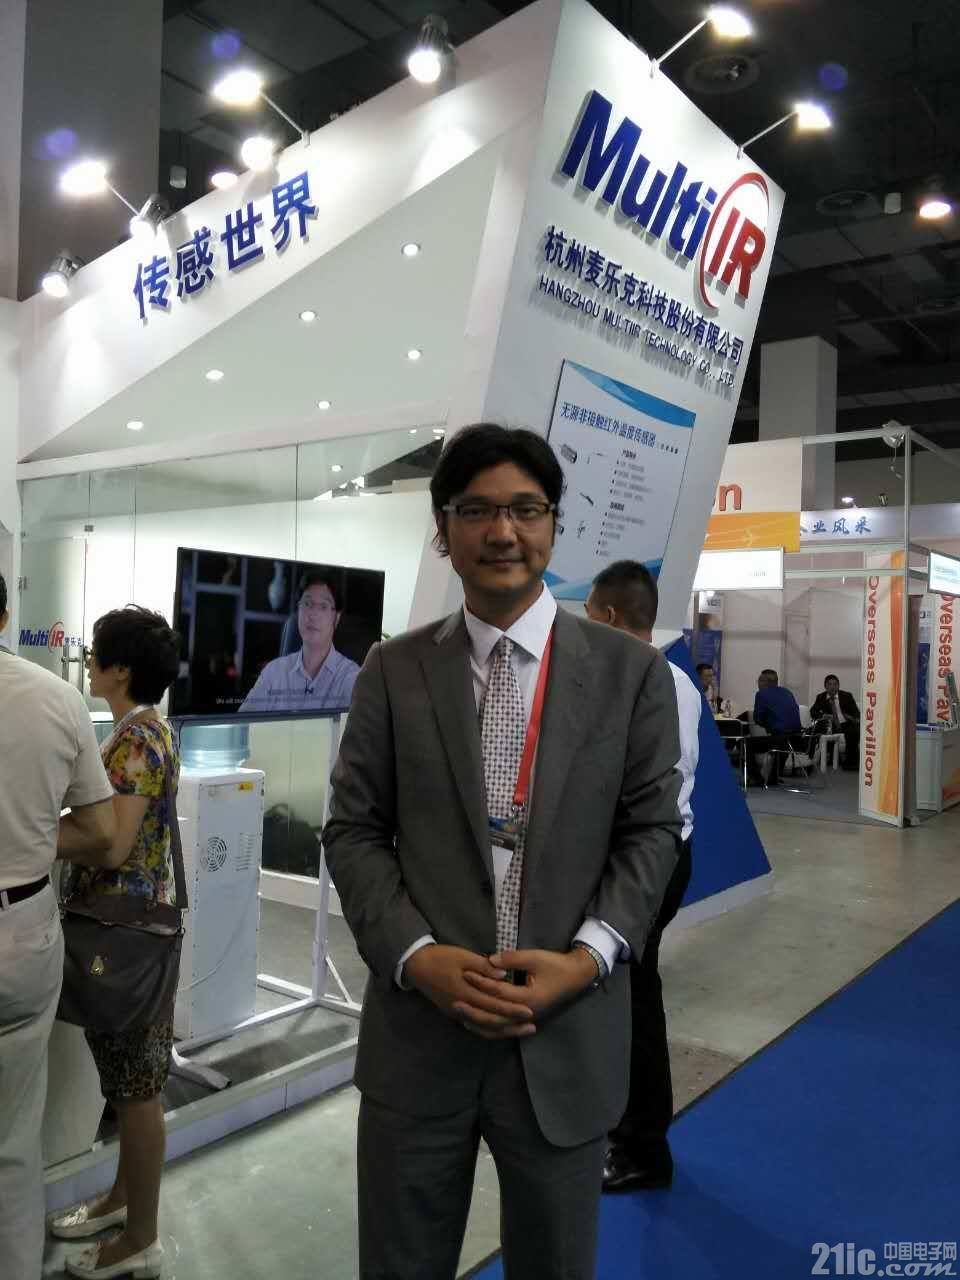 聚焦SENSOR CHINA2017,看国产传感器如何发力?